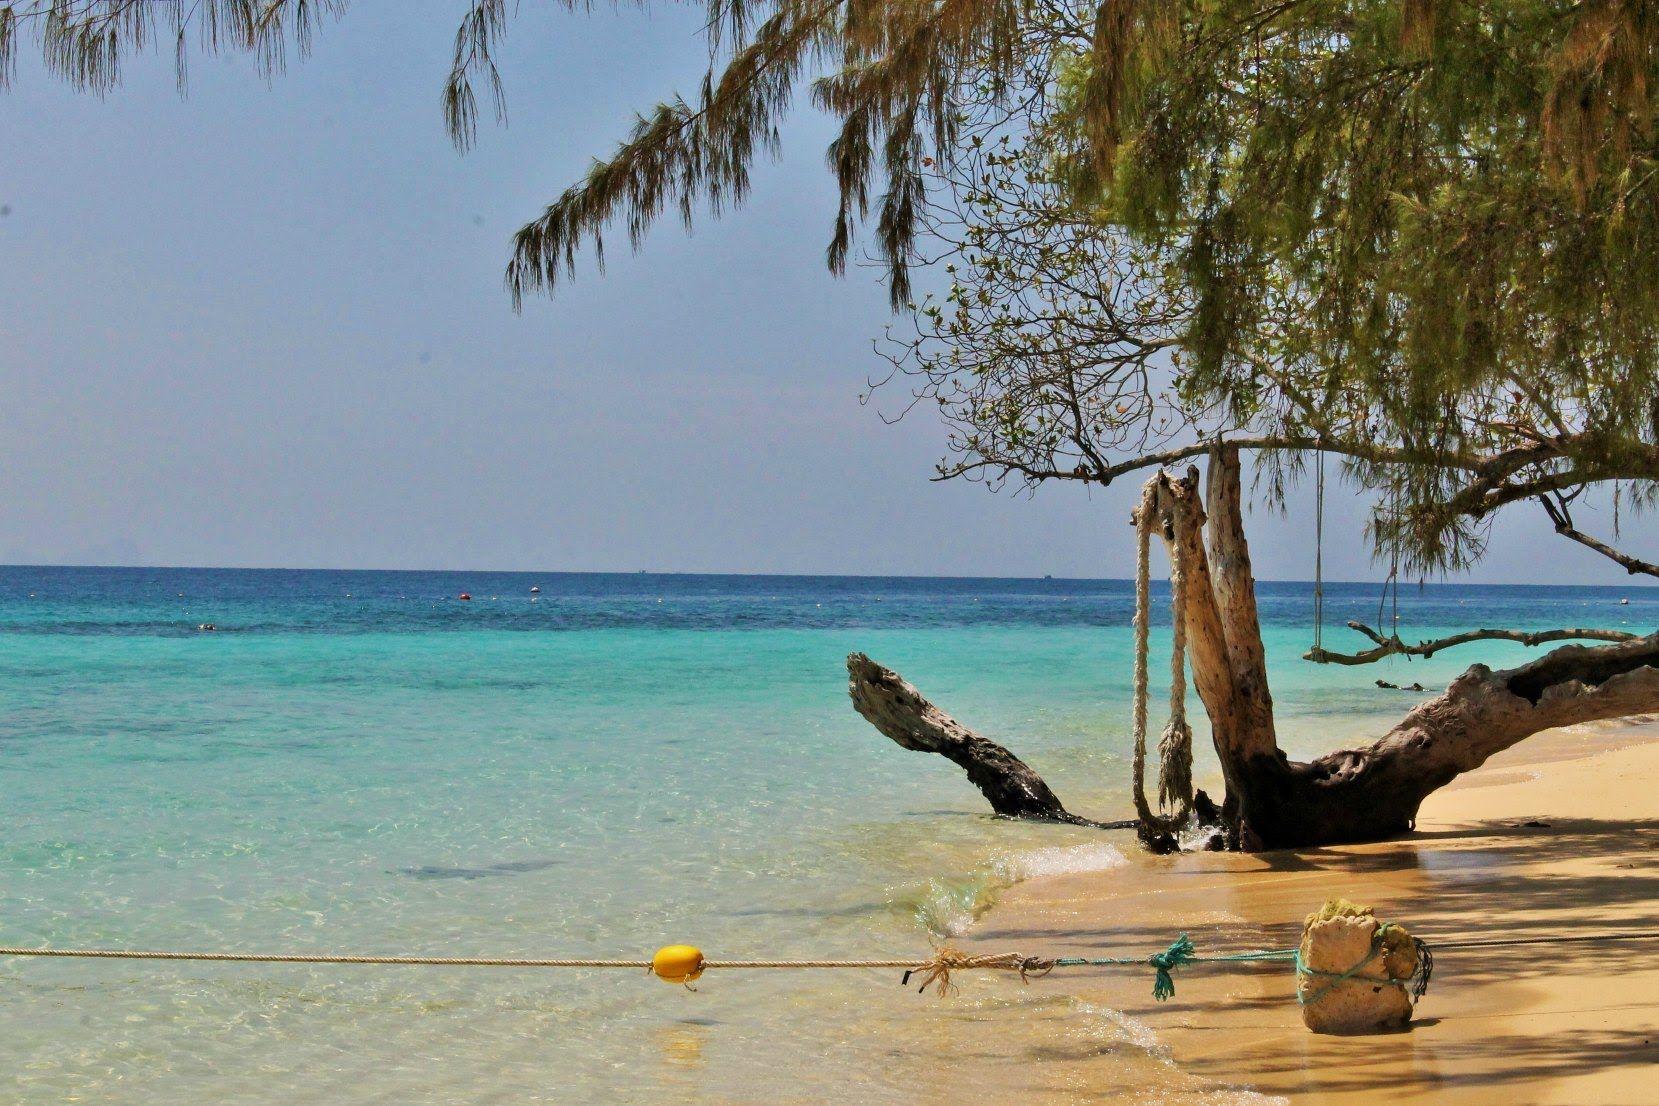 4 Islands Tour in Koh Lanta, Thailand Island tour